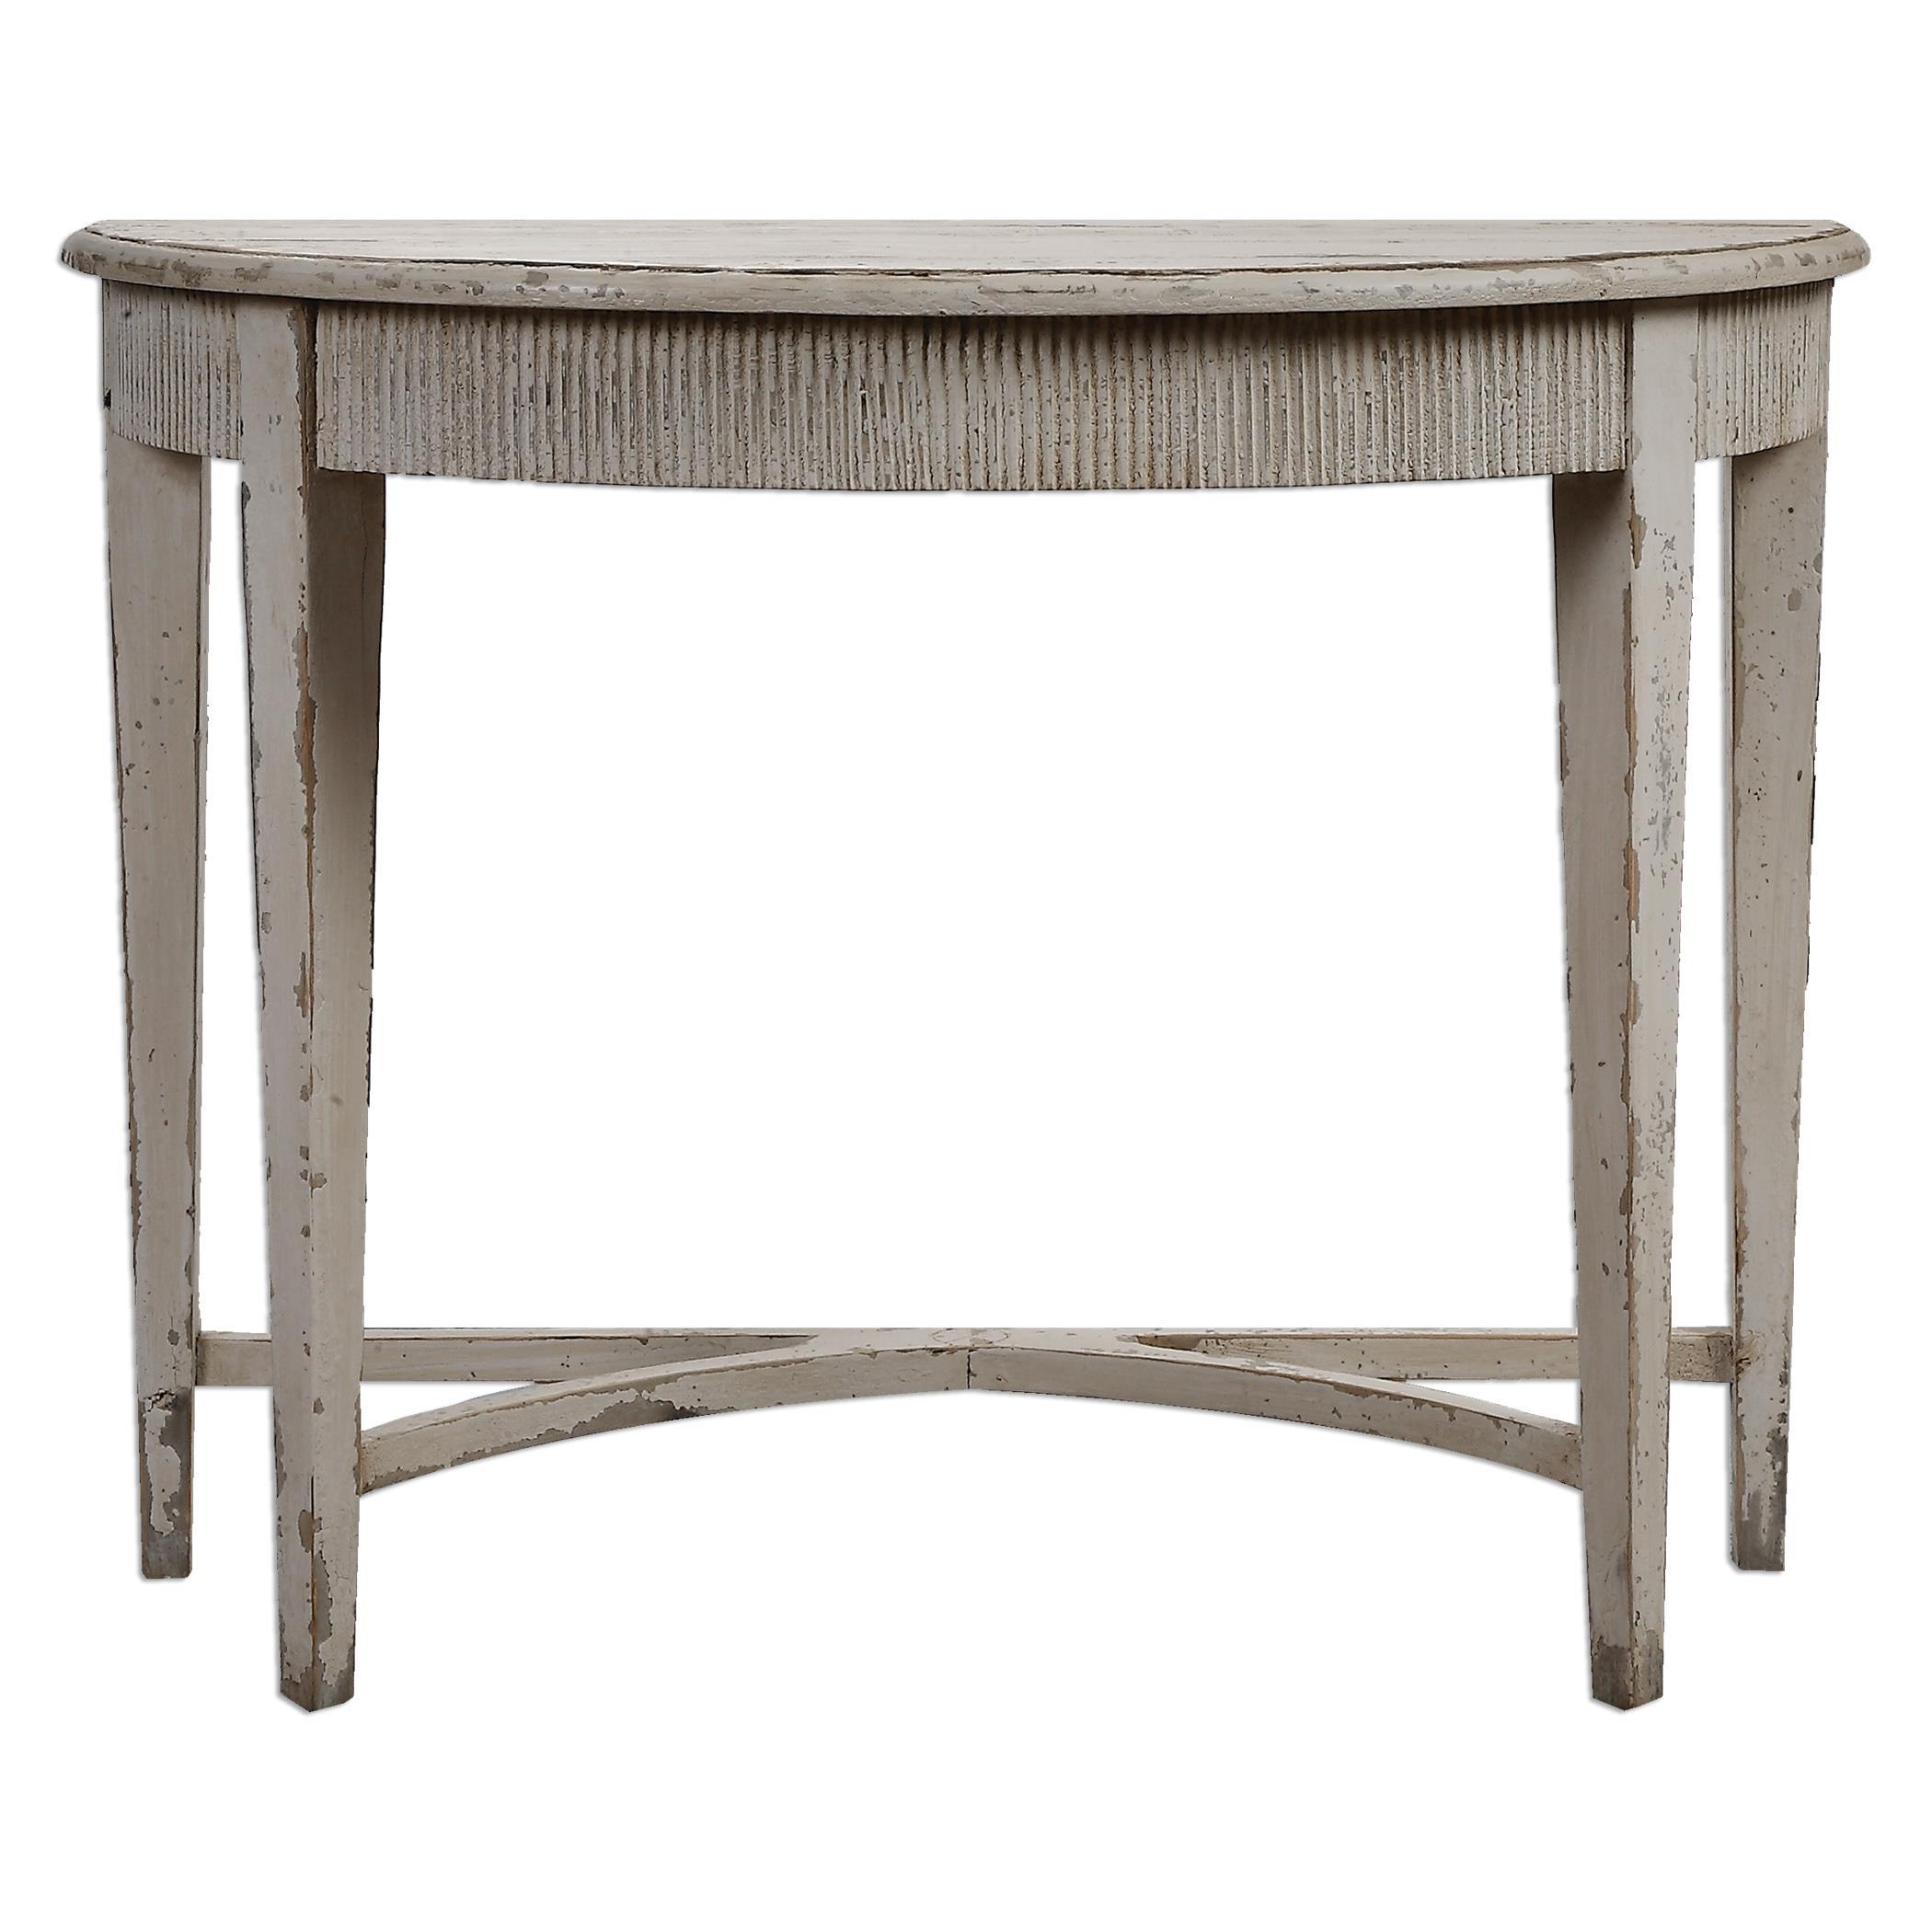 Uttermost Accent Furniture Parisio Demilune Console Table - Item Number: 24535